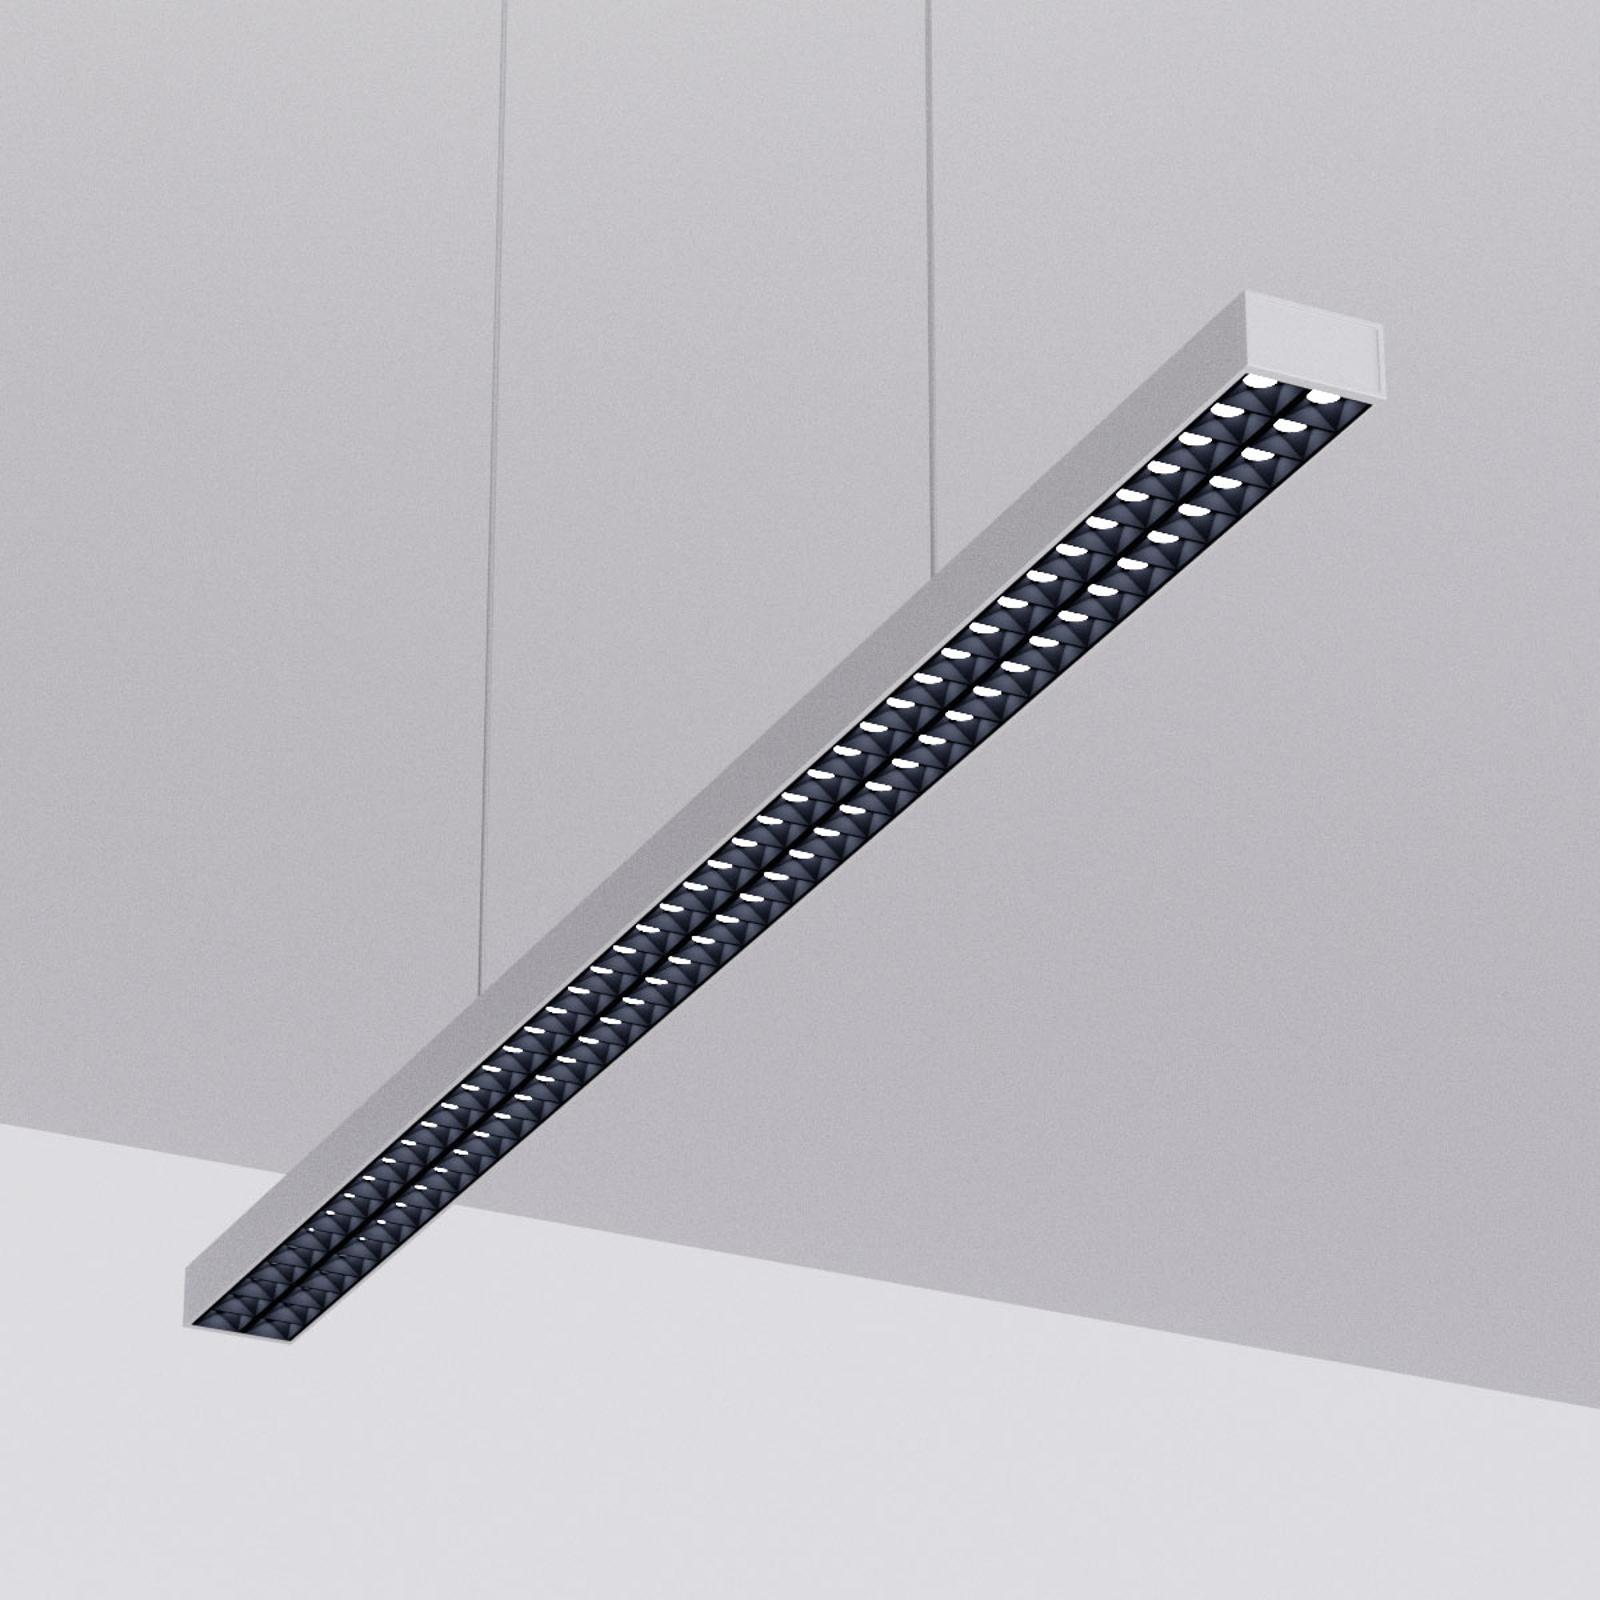 LED-riippuvalo Jolinda toimistokäyttöön, hopea